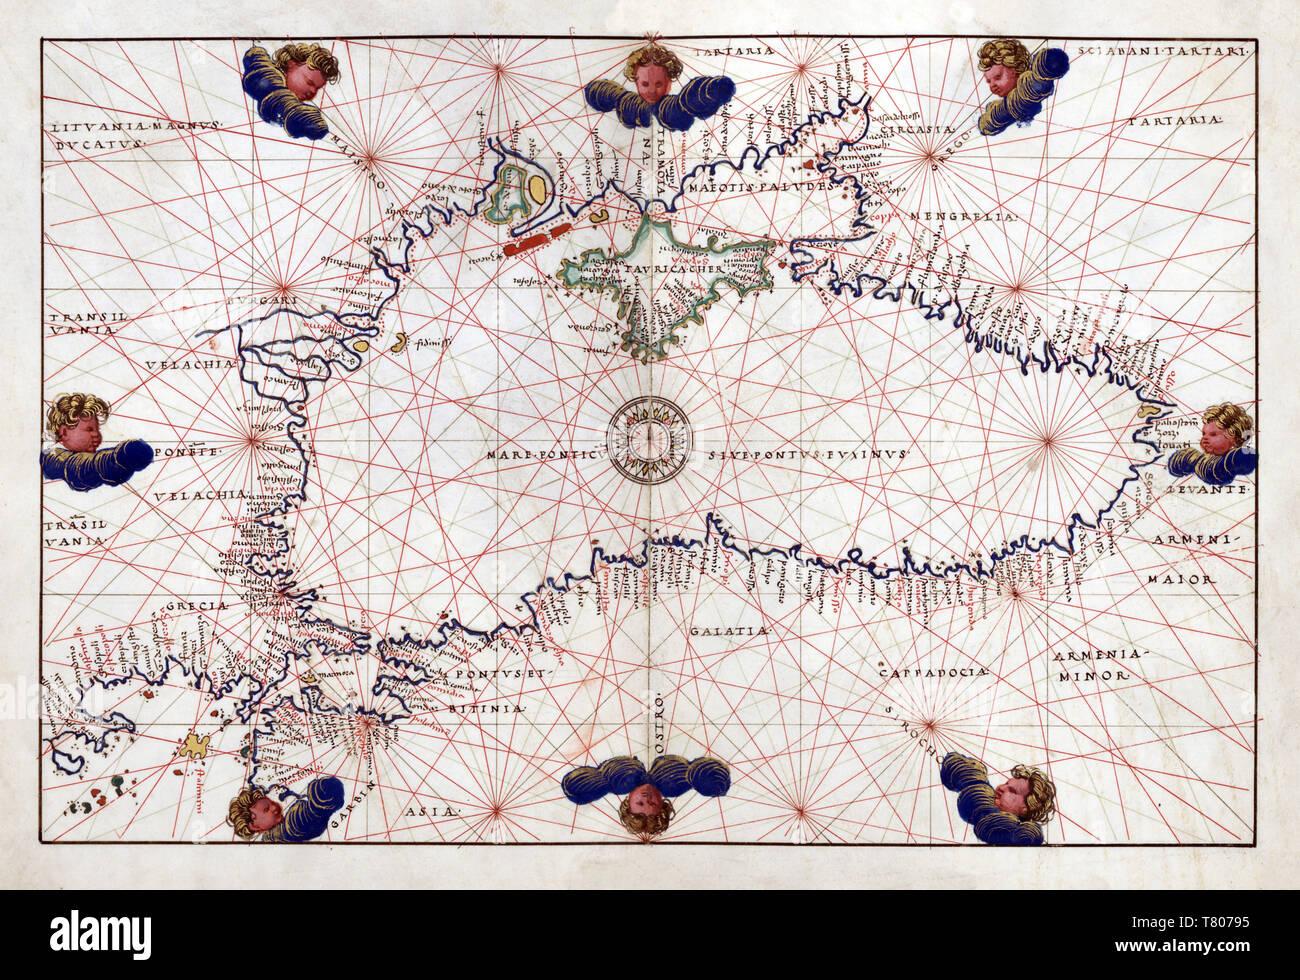 Battista Agnese, Portolan Atlas, Black Sea, 1544 - Stock Image